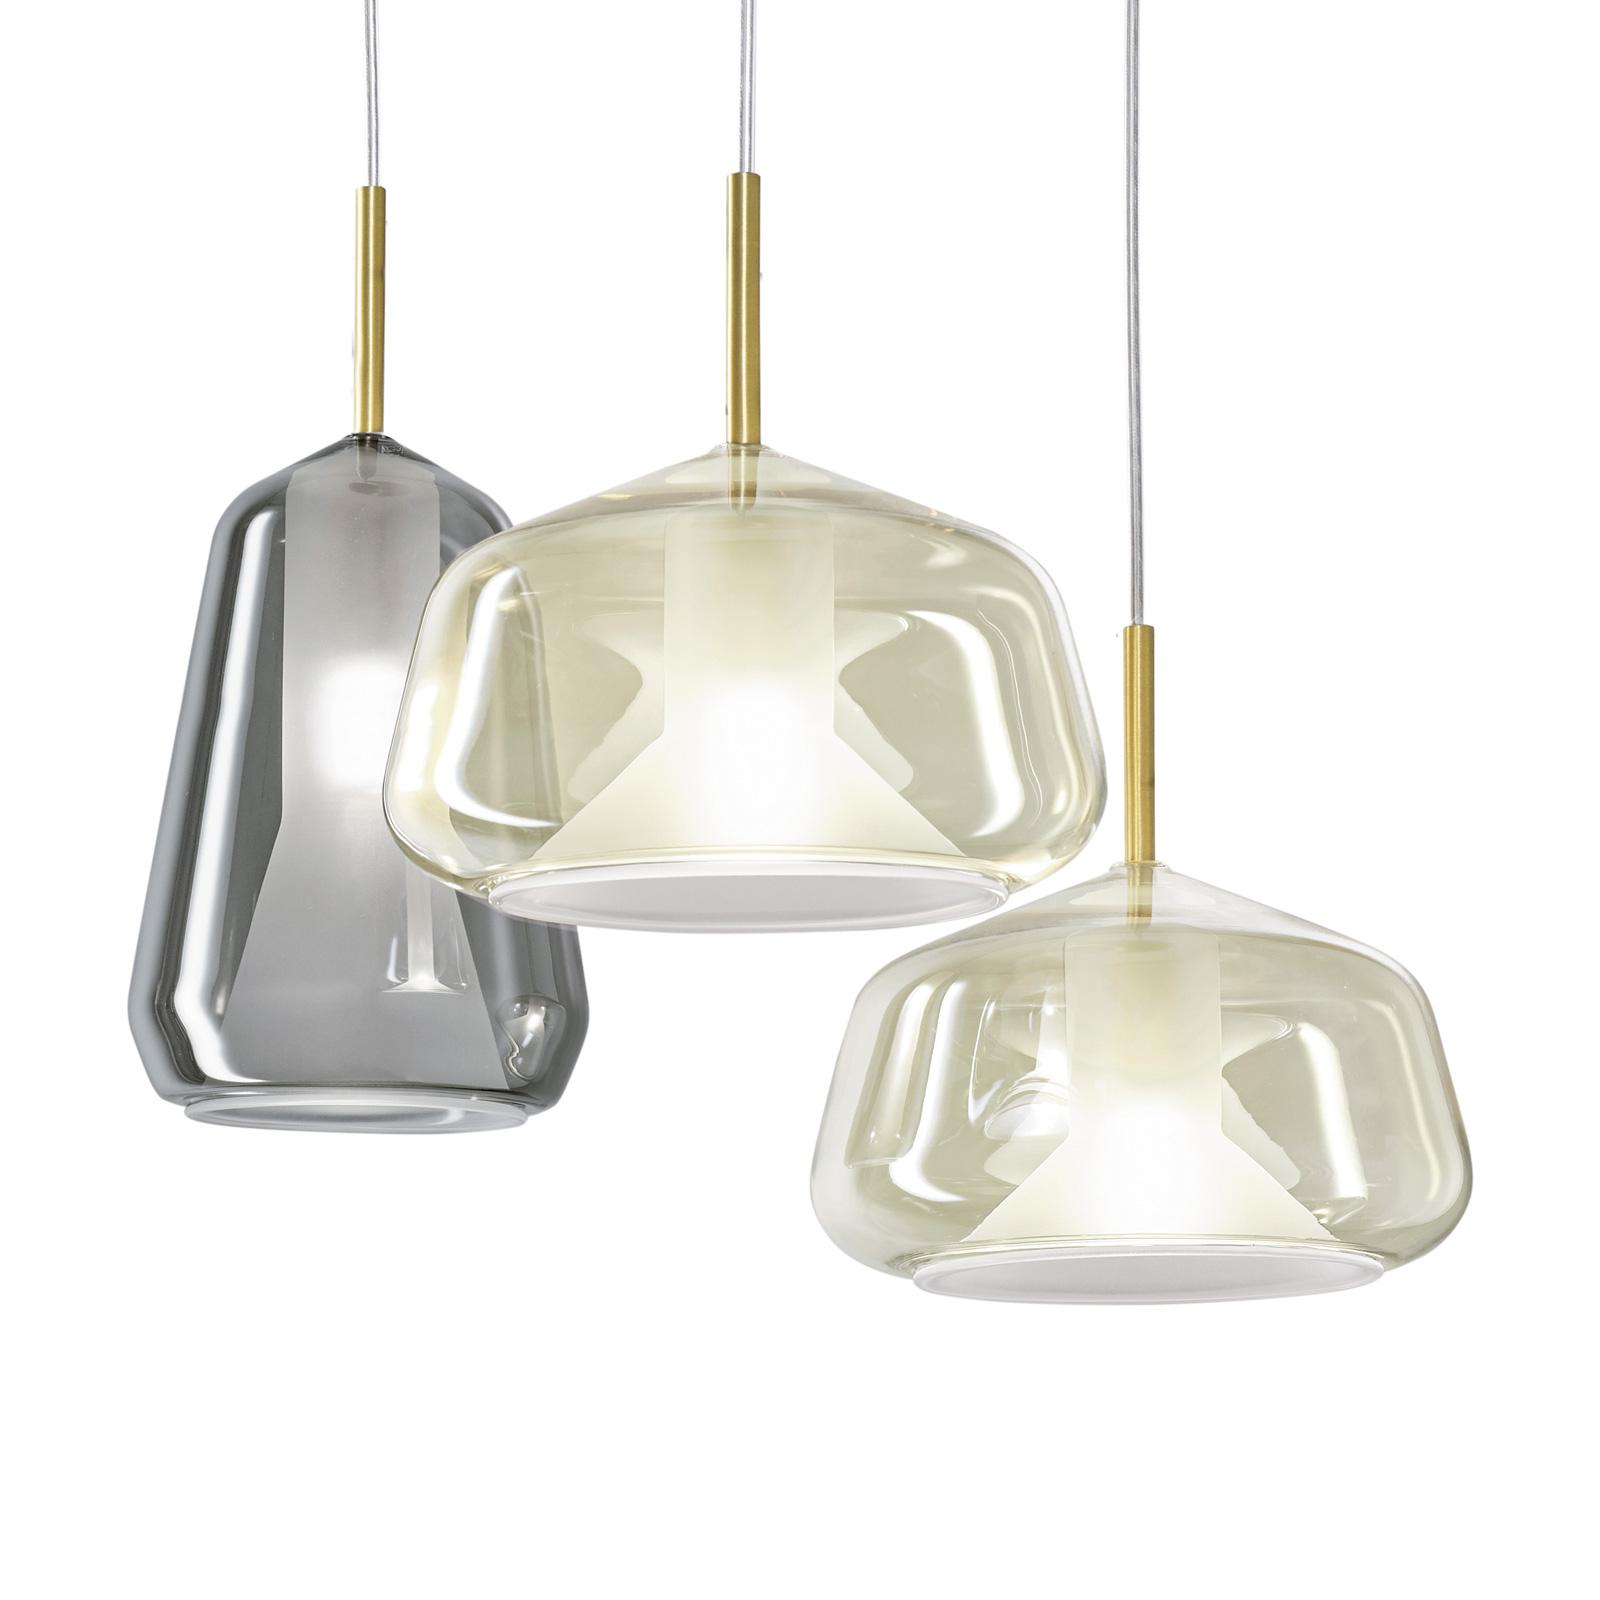 Suspension X-Ray à 3 lampes fumée/miel/miel